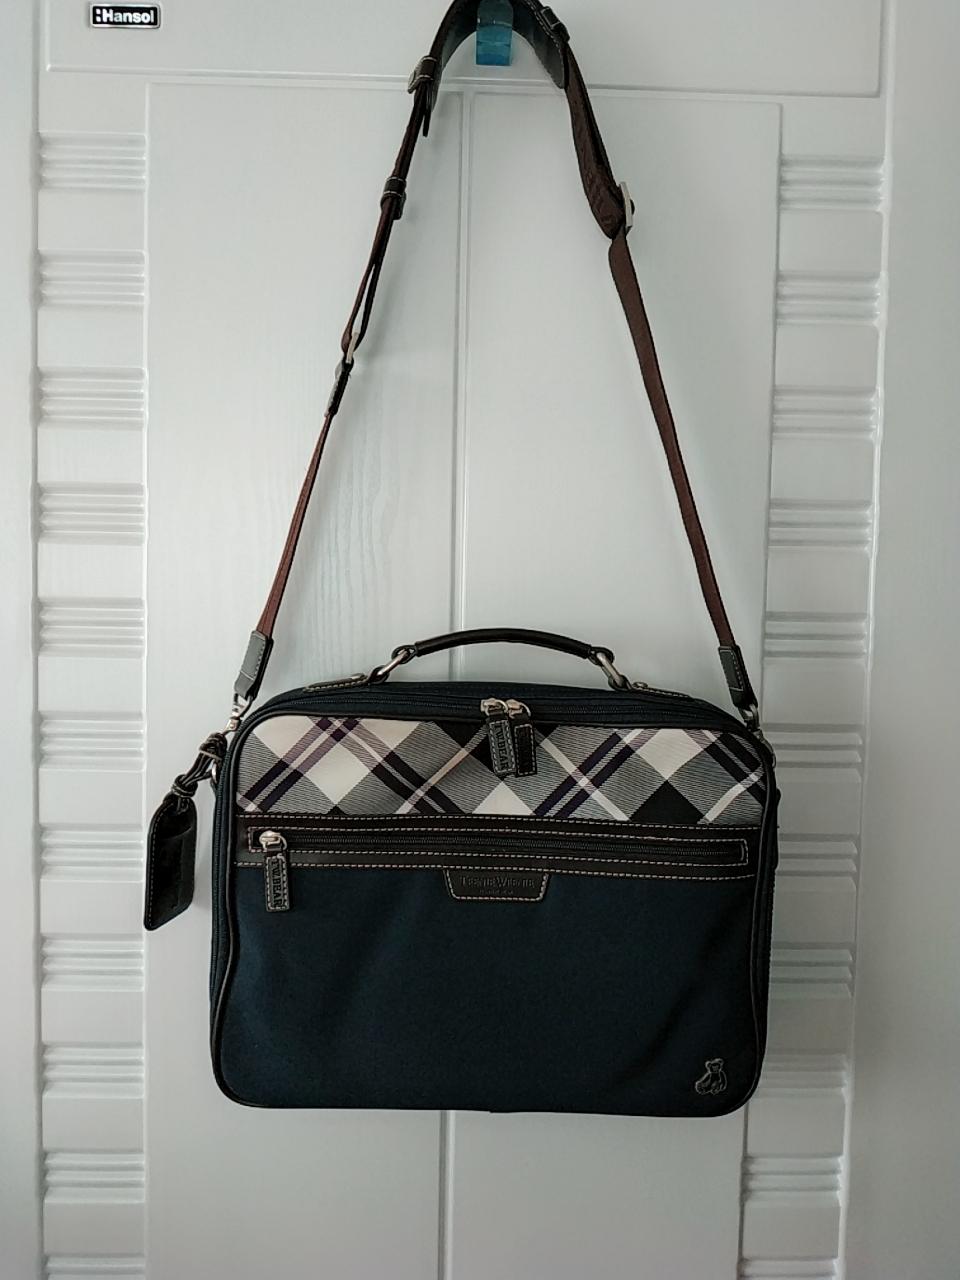 티니위니 가방(가격내림)